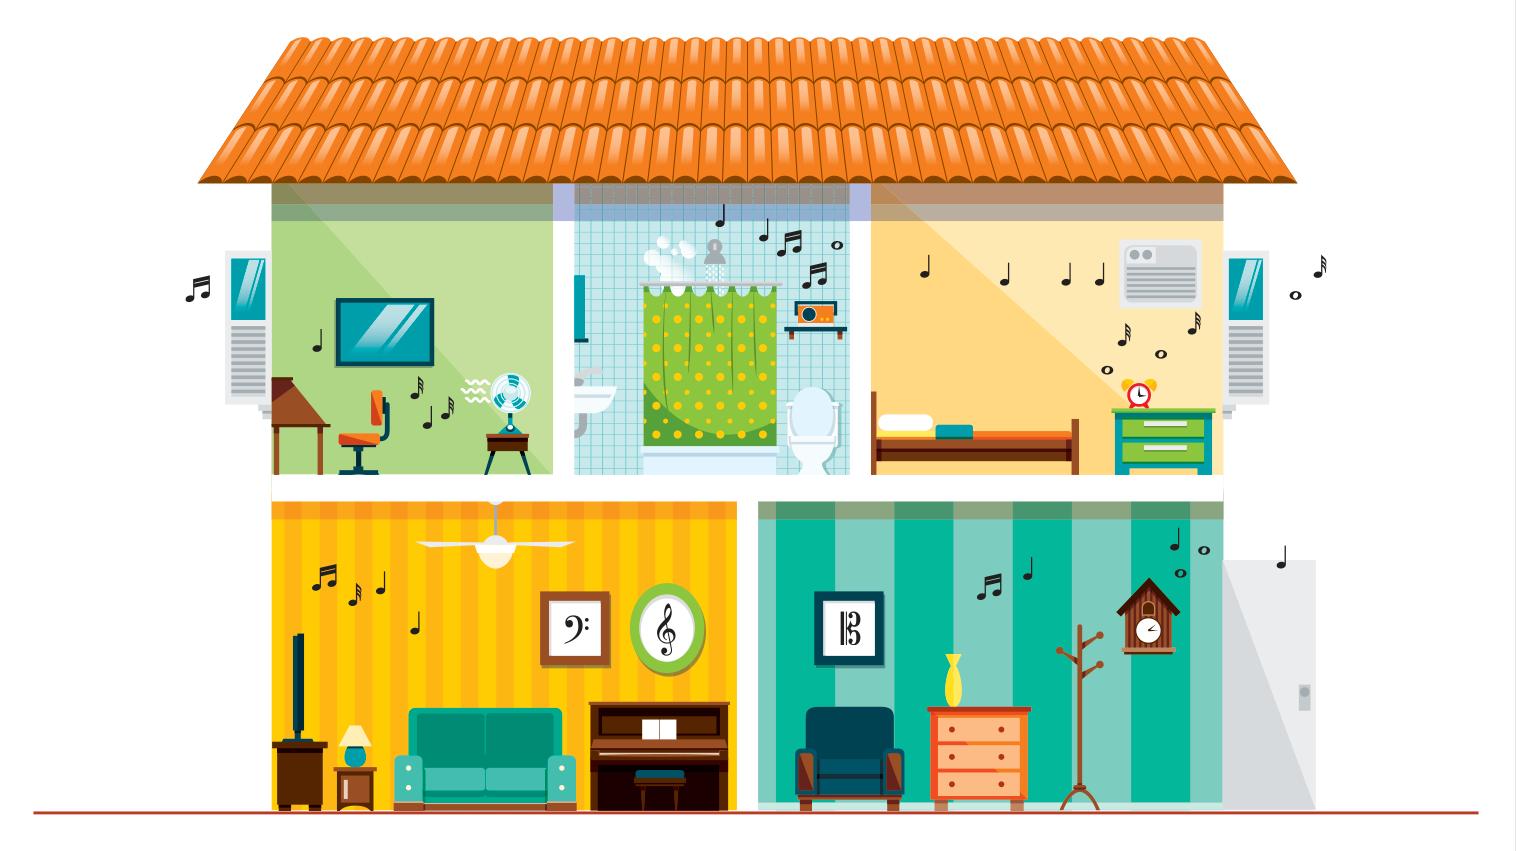 ilustração de casa com dois andares com escritório, banheiro, quarto e salas com móveis, paredes e quadros com notas musicais.